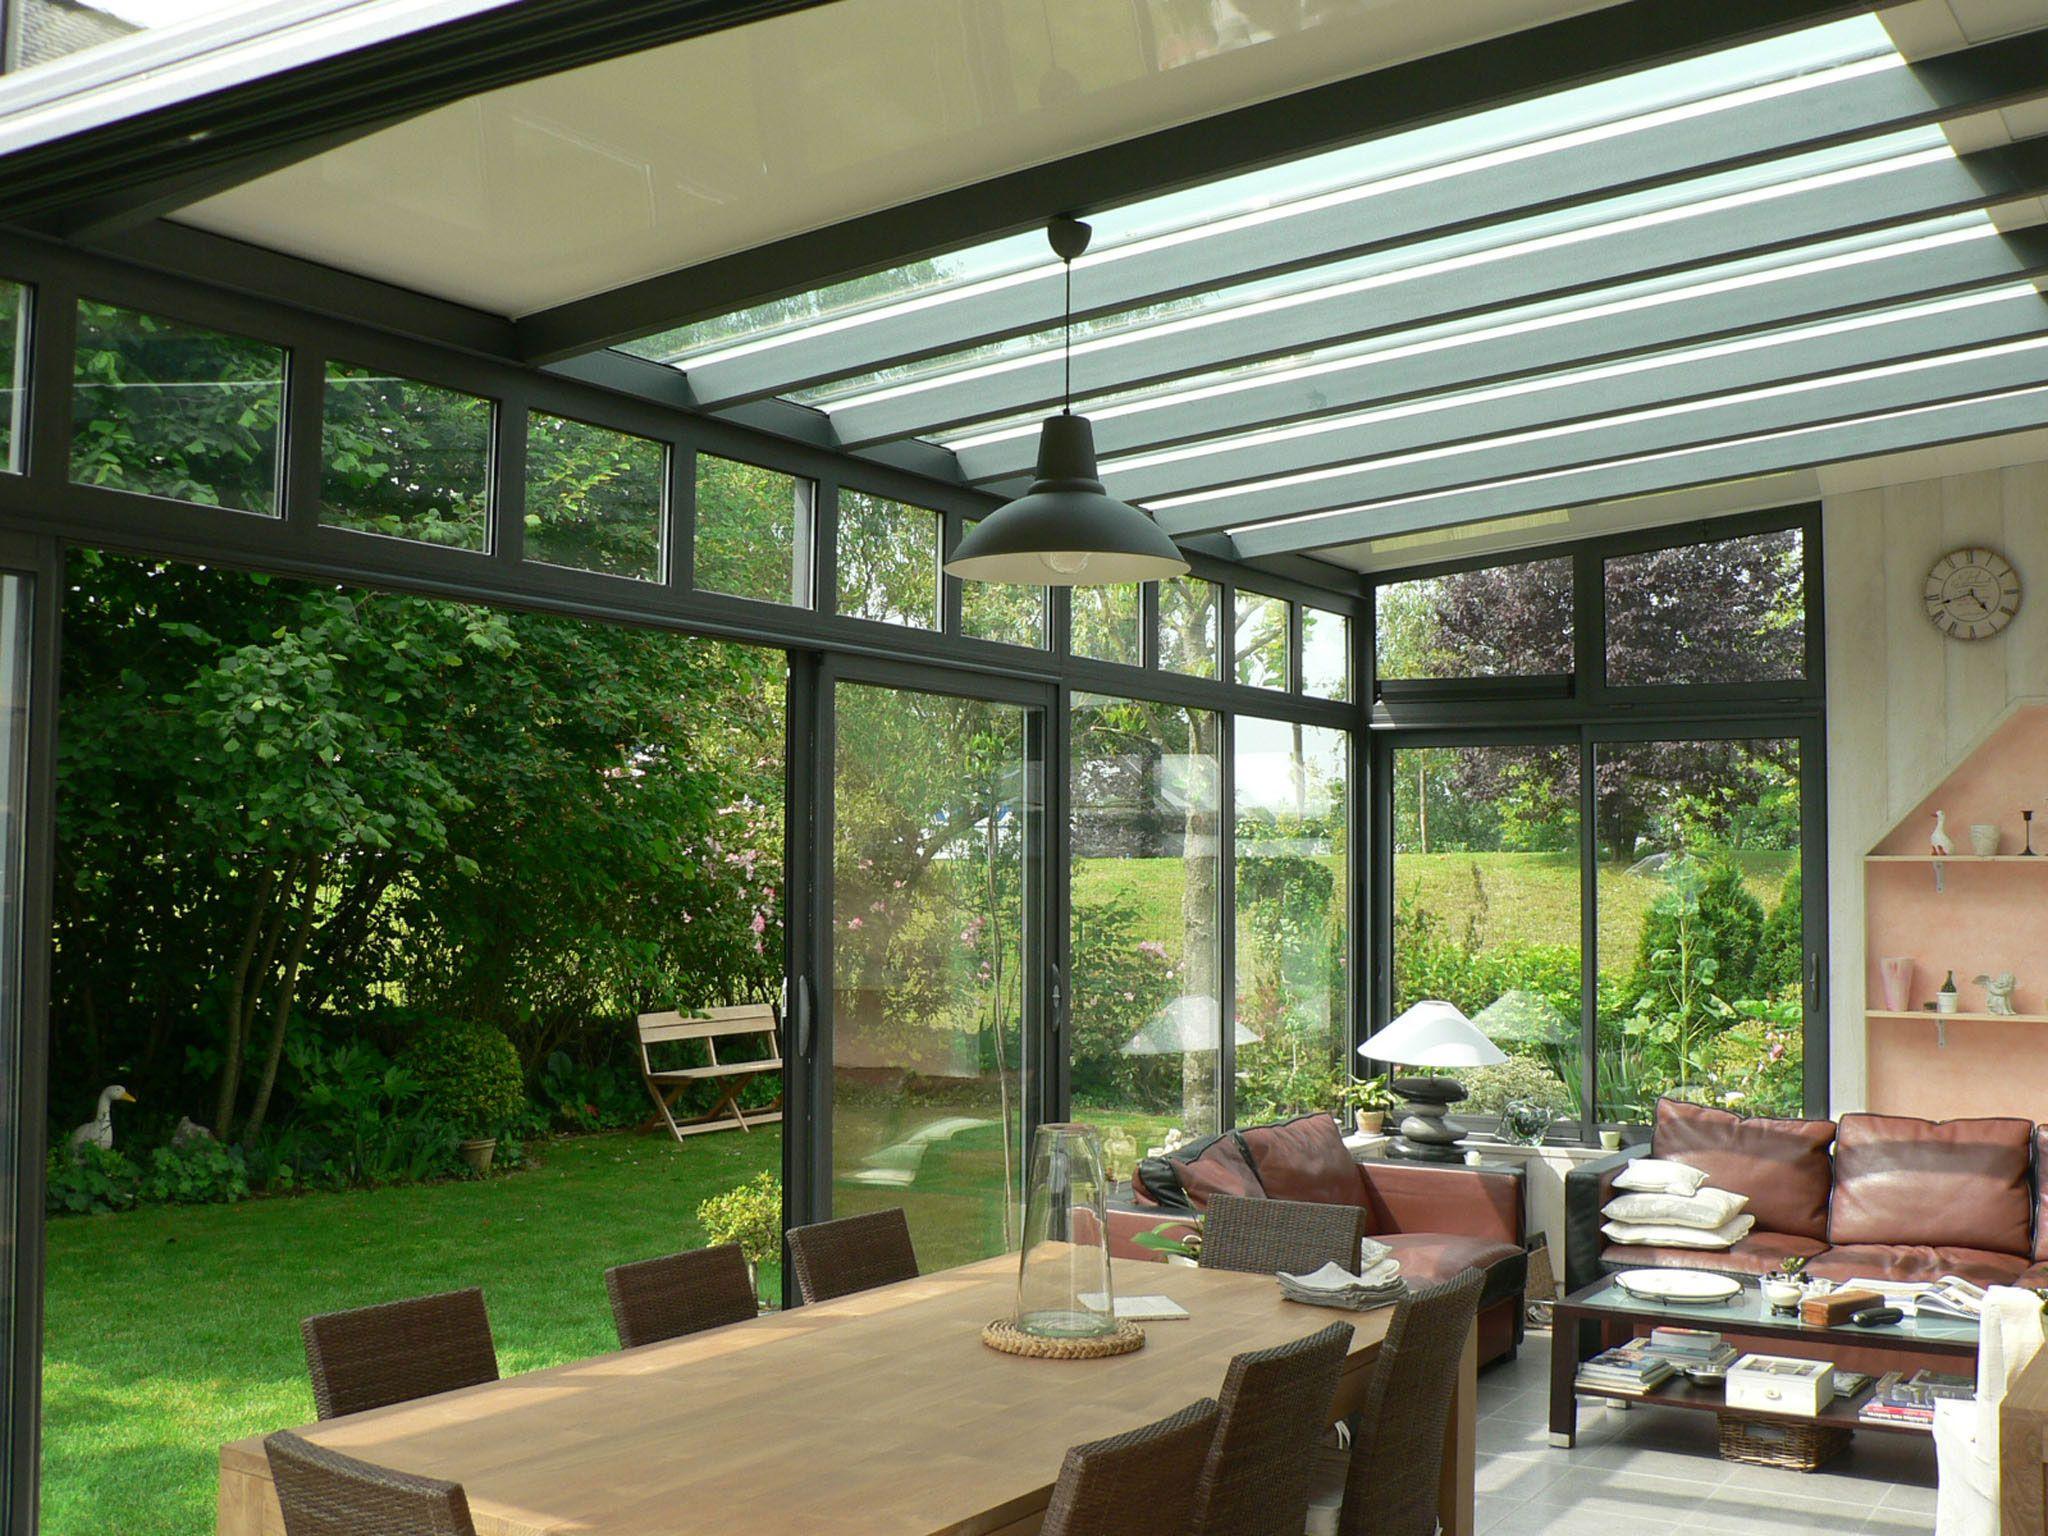 Véranda atelier pièce à vivre | Glass roof pergolas en 2019 | Déco maison, Veranda et Maison